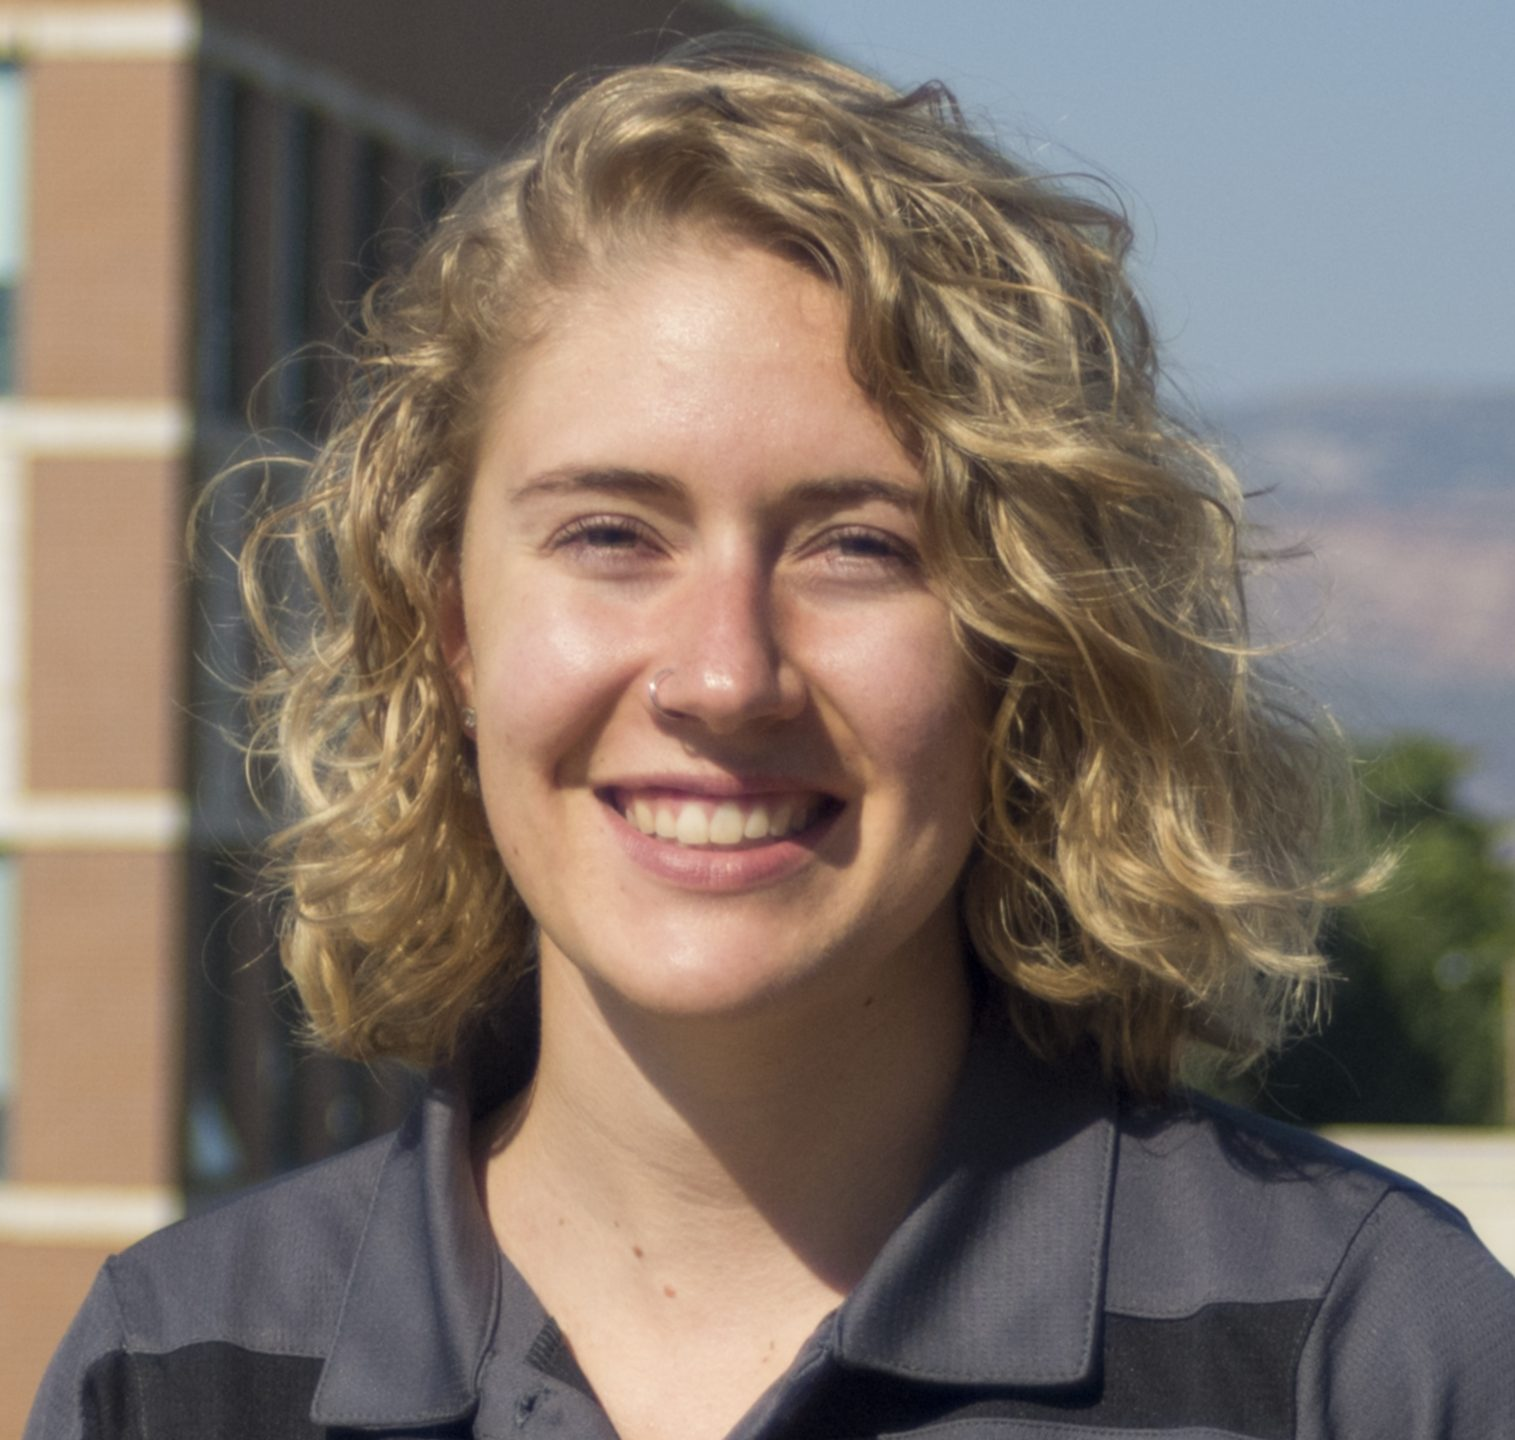 Lauren Lipski